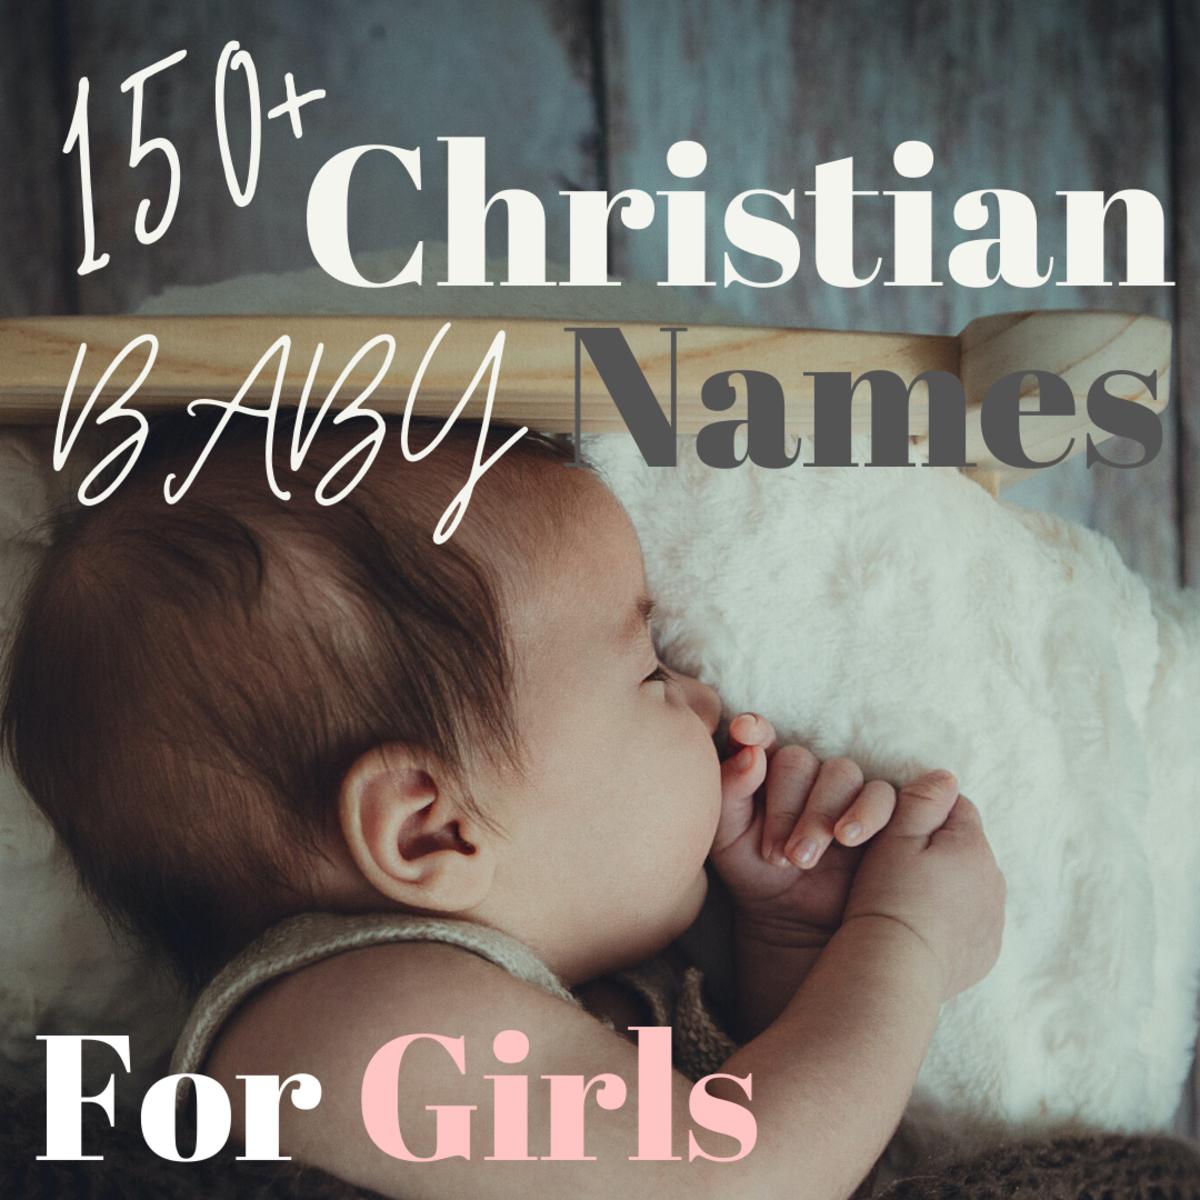 Christian Baby Names for Girls